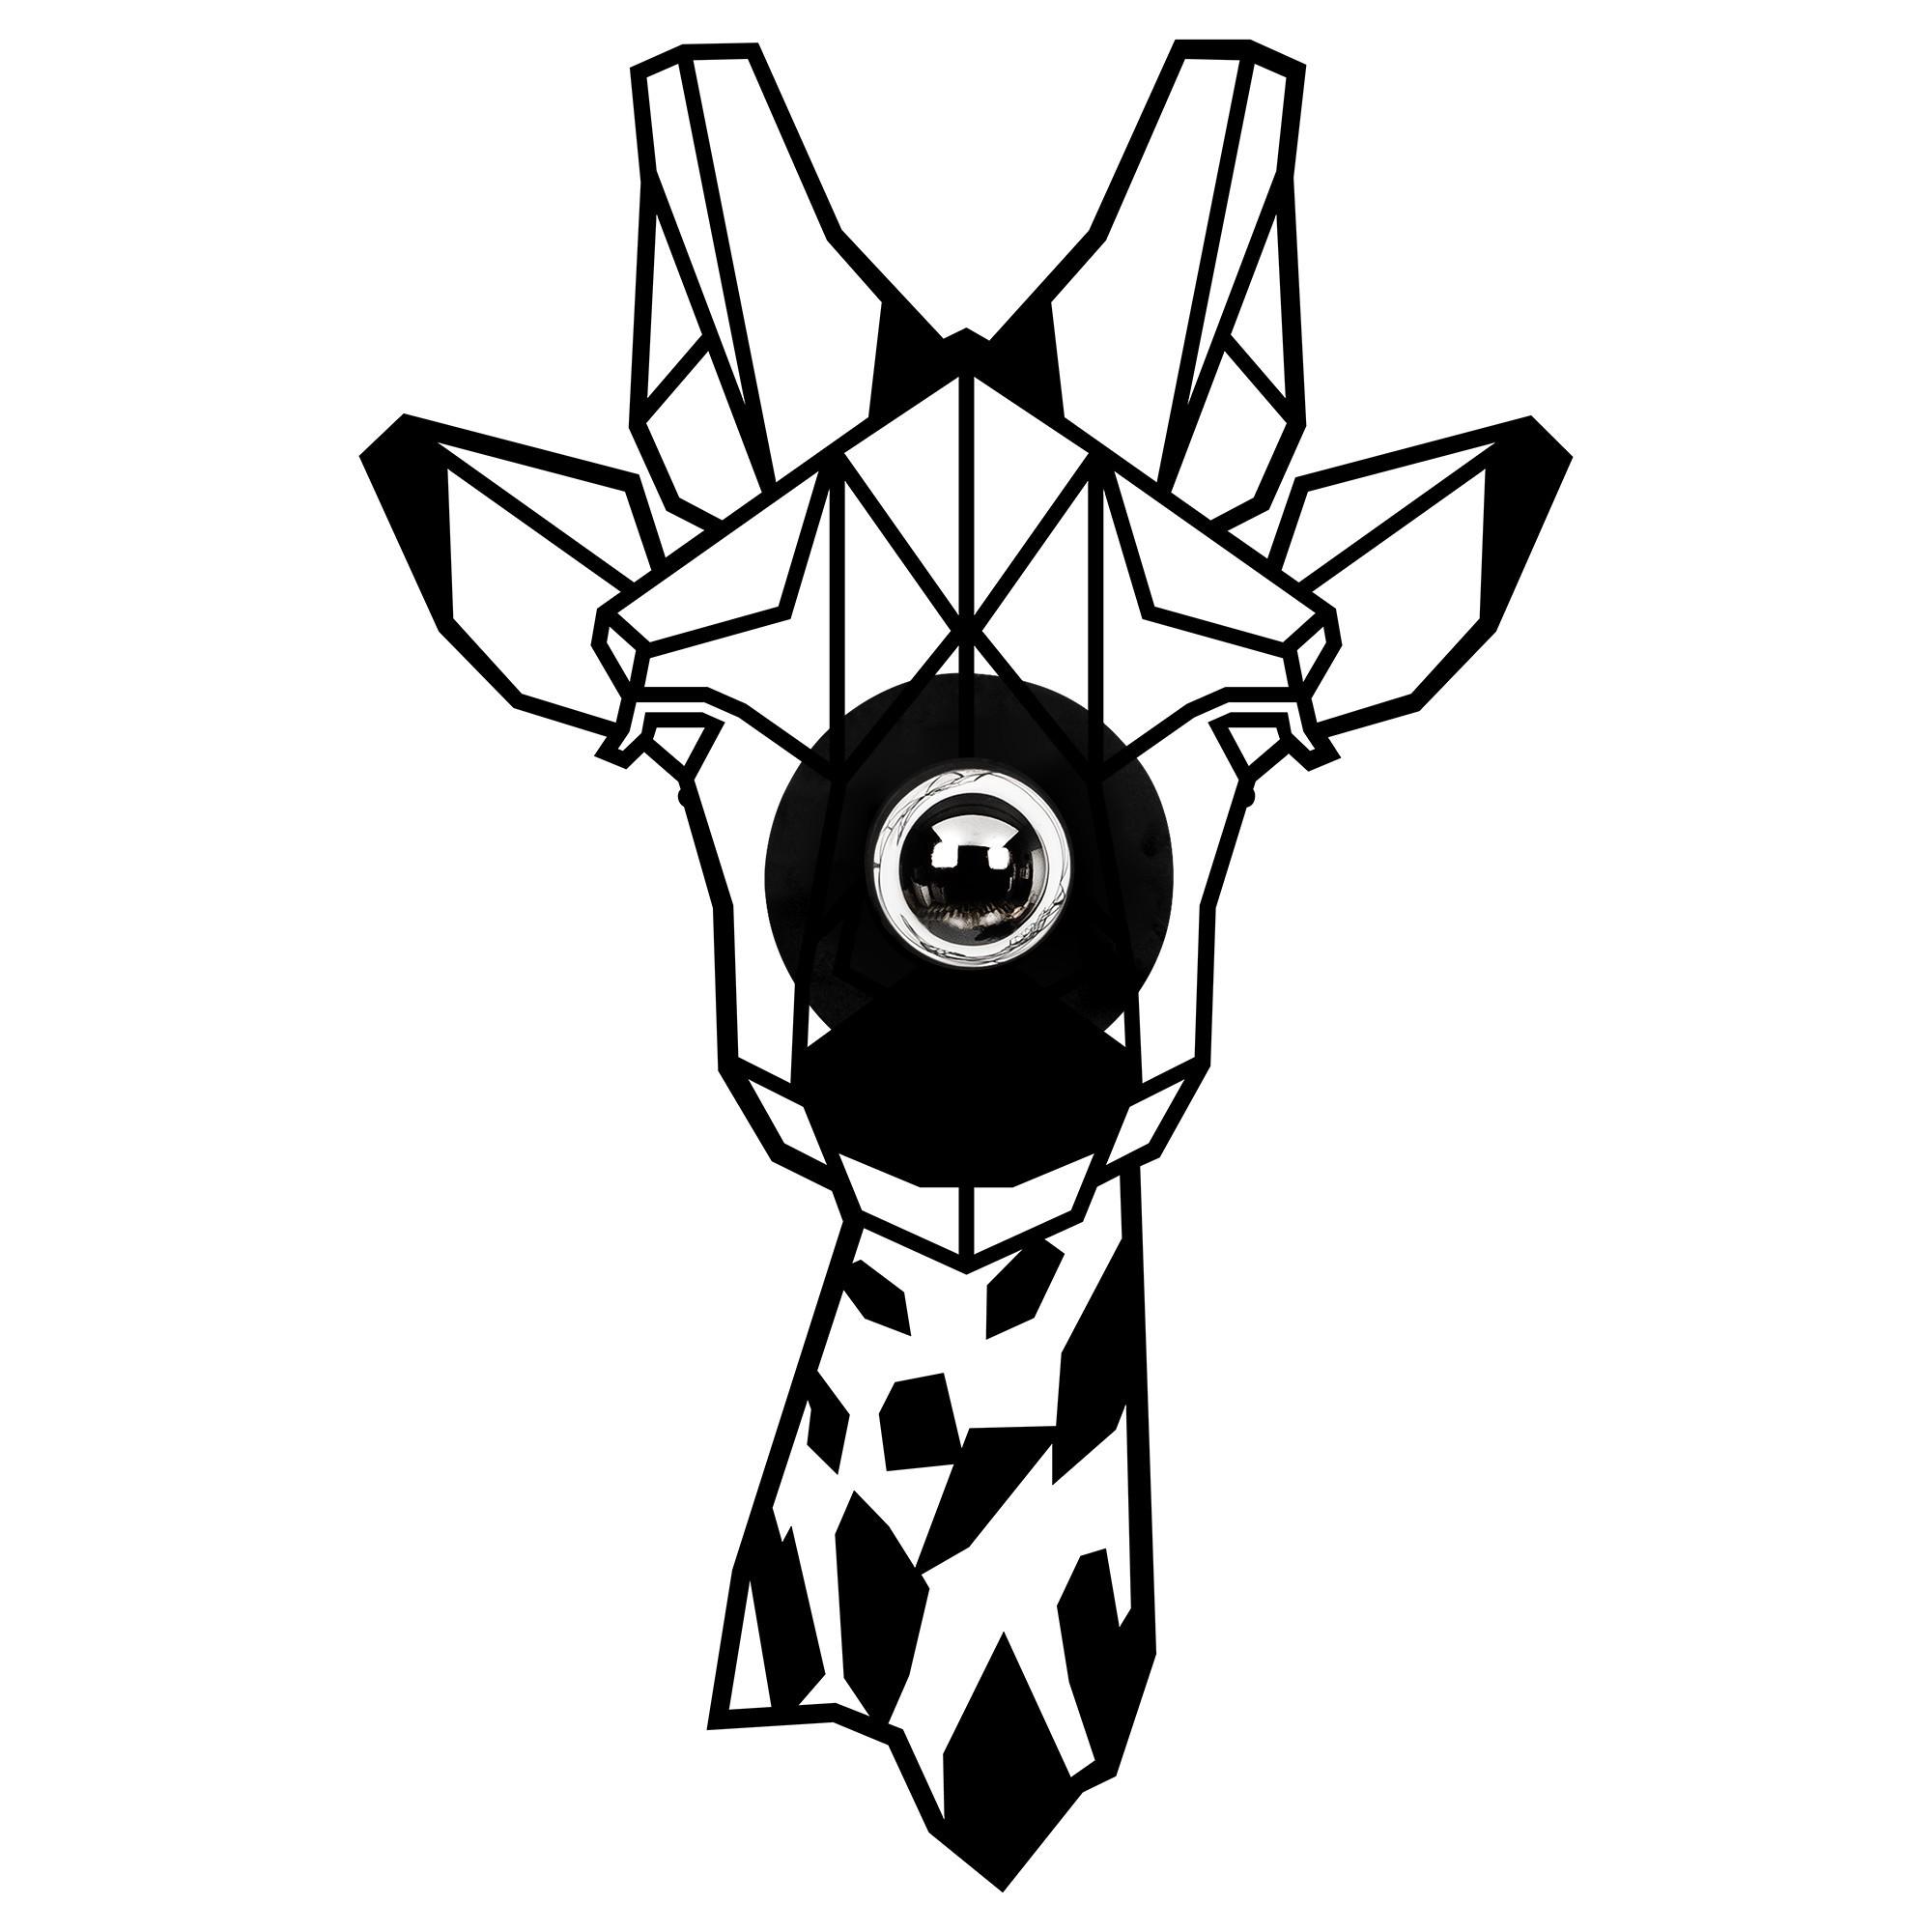 LED industriële wanddeco lamp dieren - Giraf - dimbaar - E27 fitting - vooraanzicht